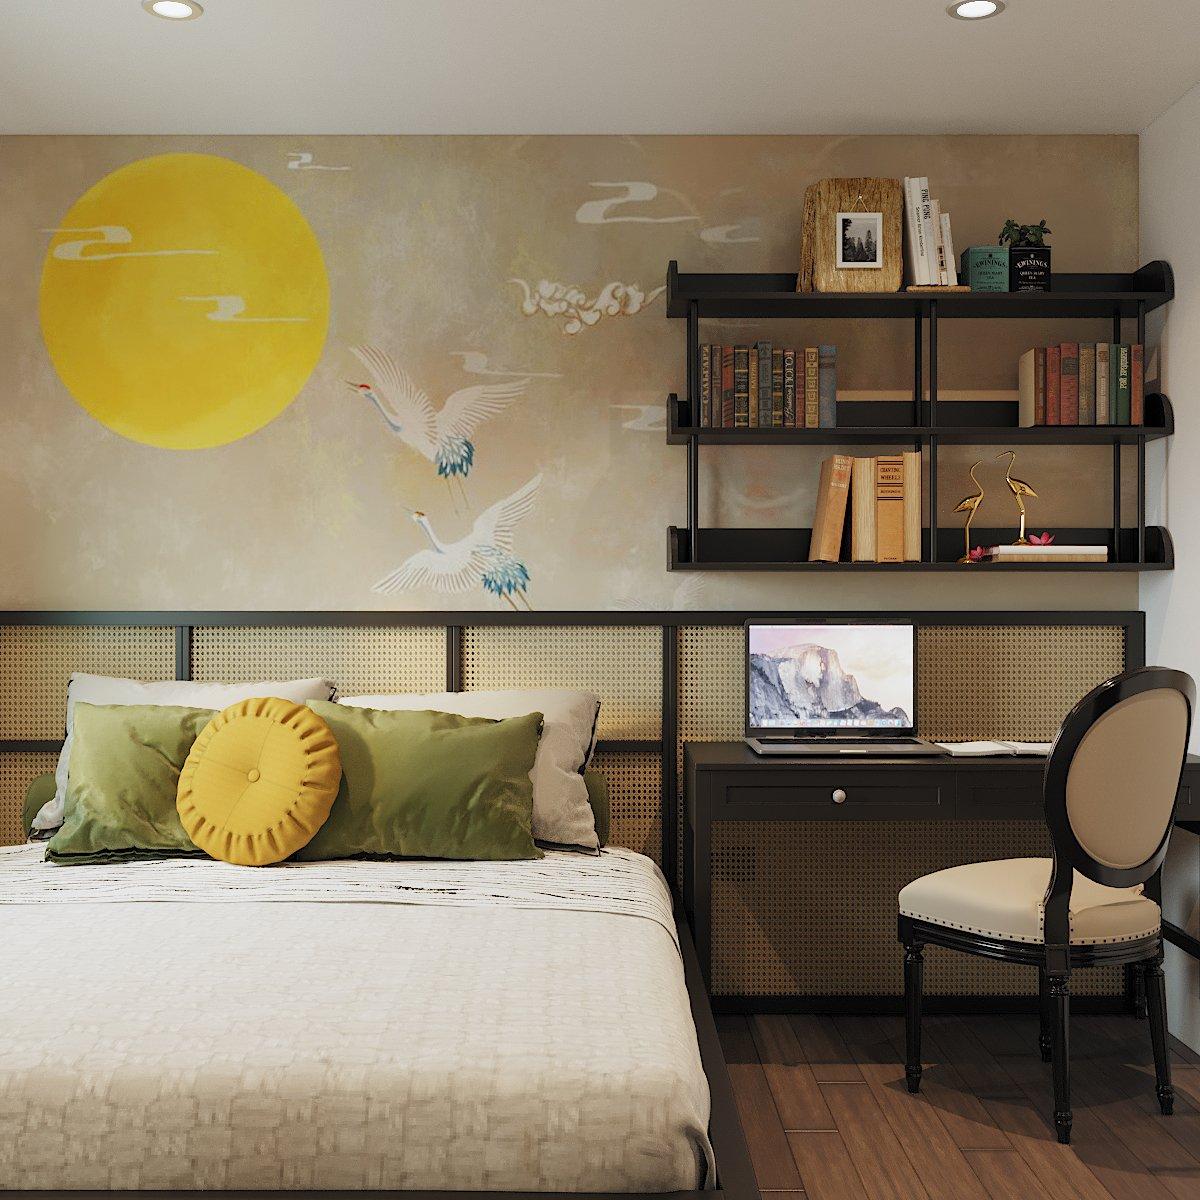 Góc làm việc nhỏ gọn, tiện nghi tích hợp trong phòng ngủ. Vách ốp đầu giường tạo cảm giác thân thiện, thư thái cho người dùng.